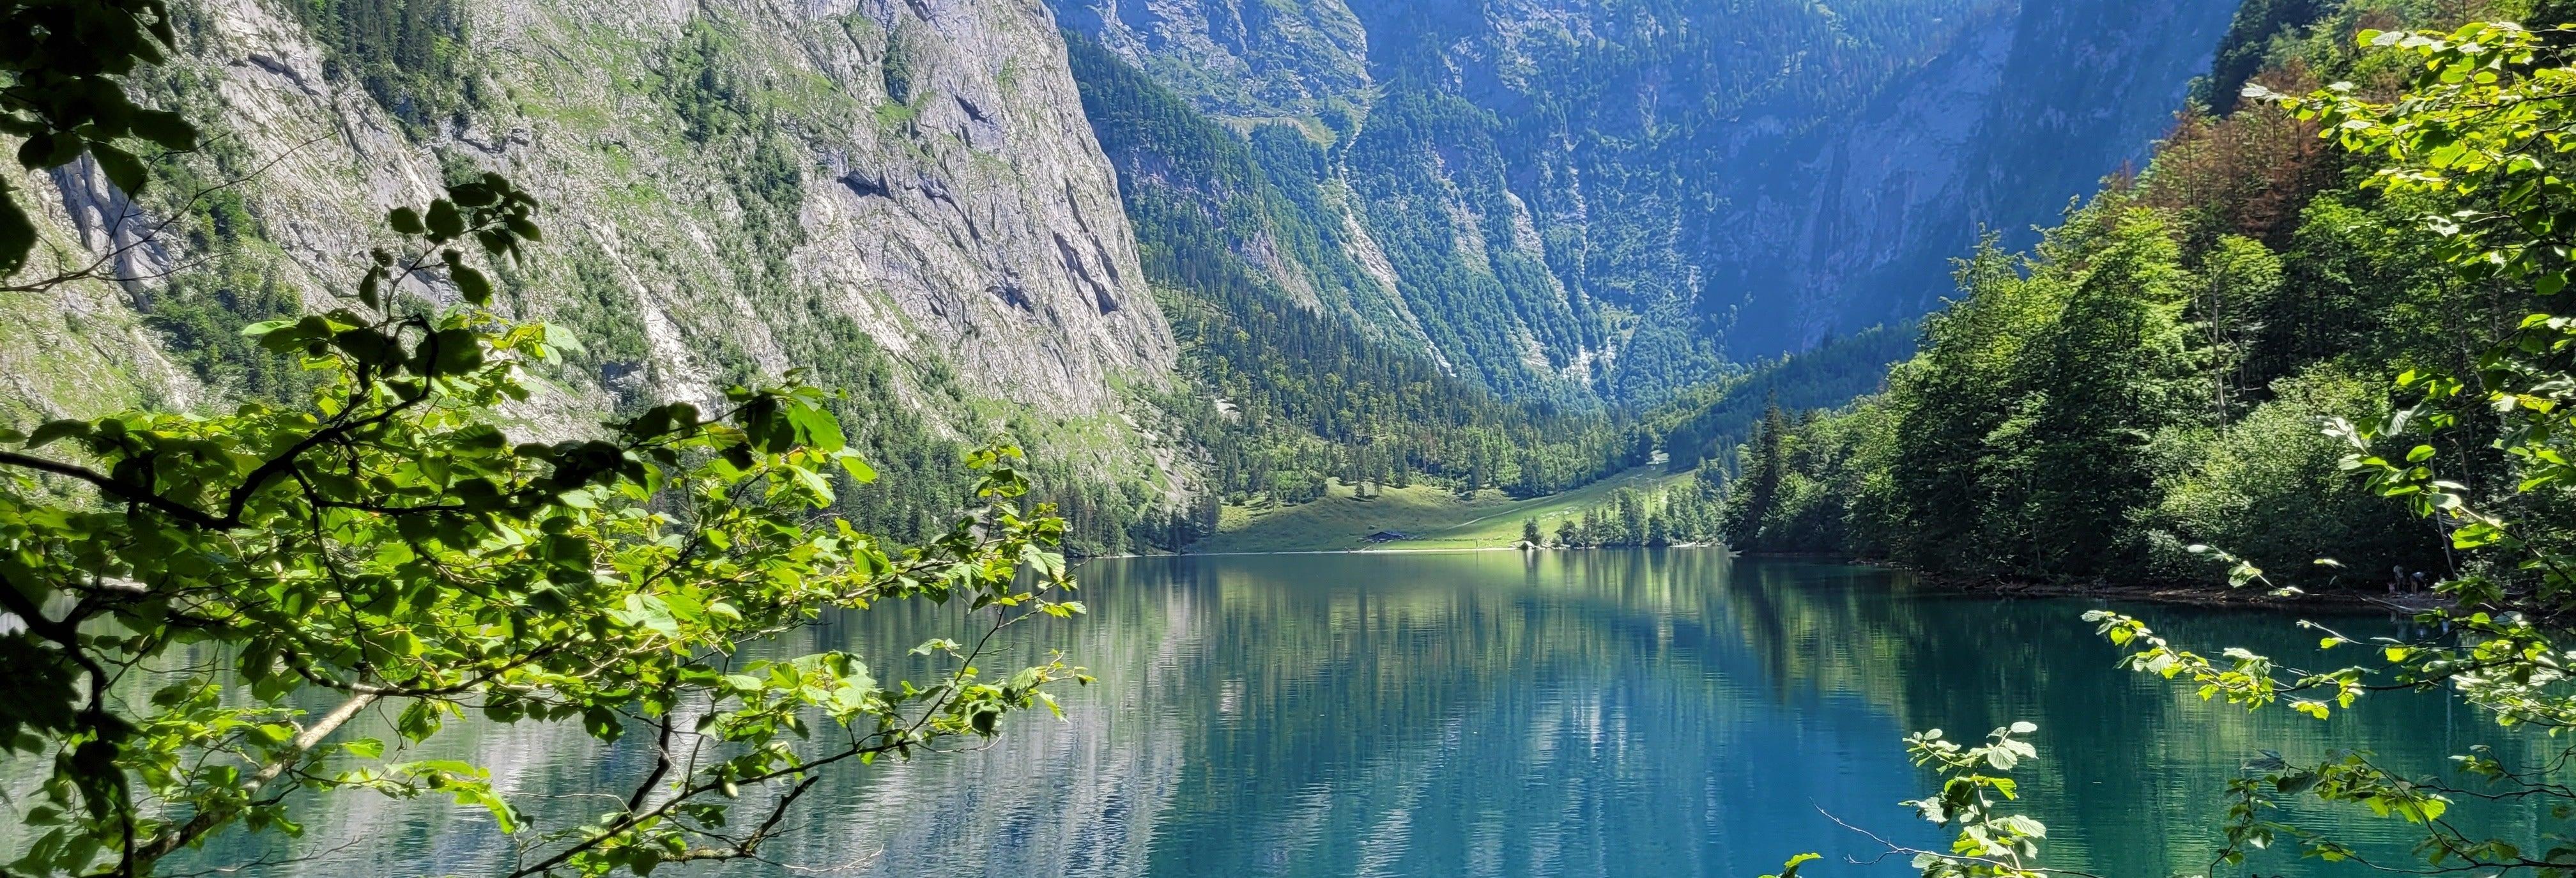 Escursione alle Alpi Bavaresi